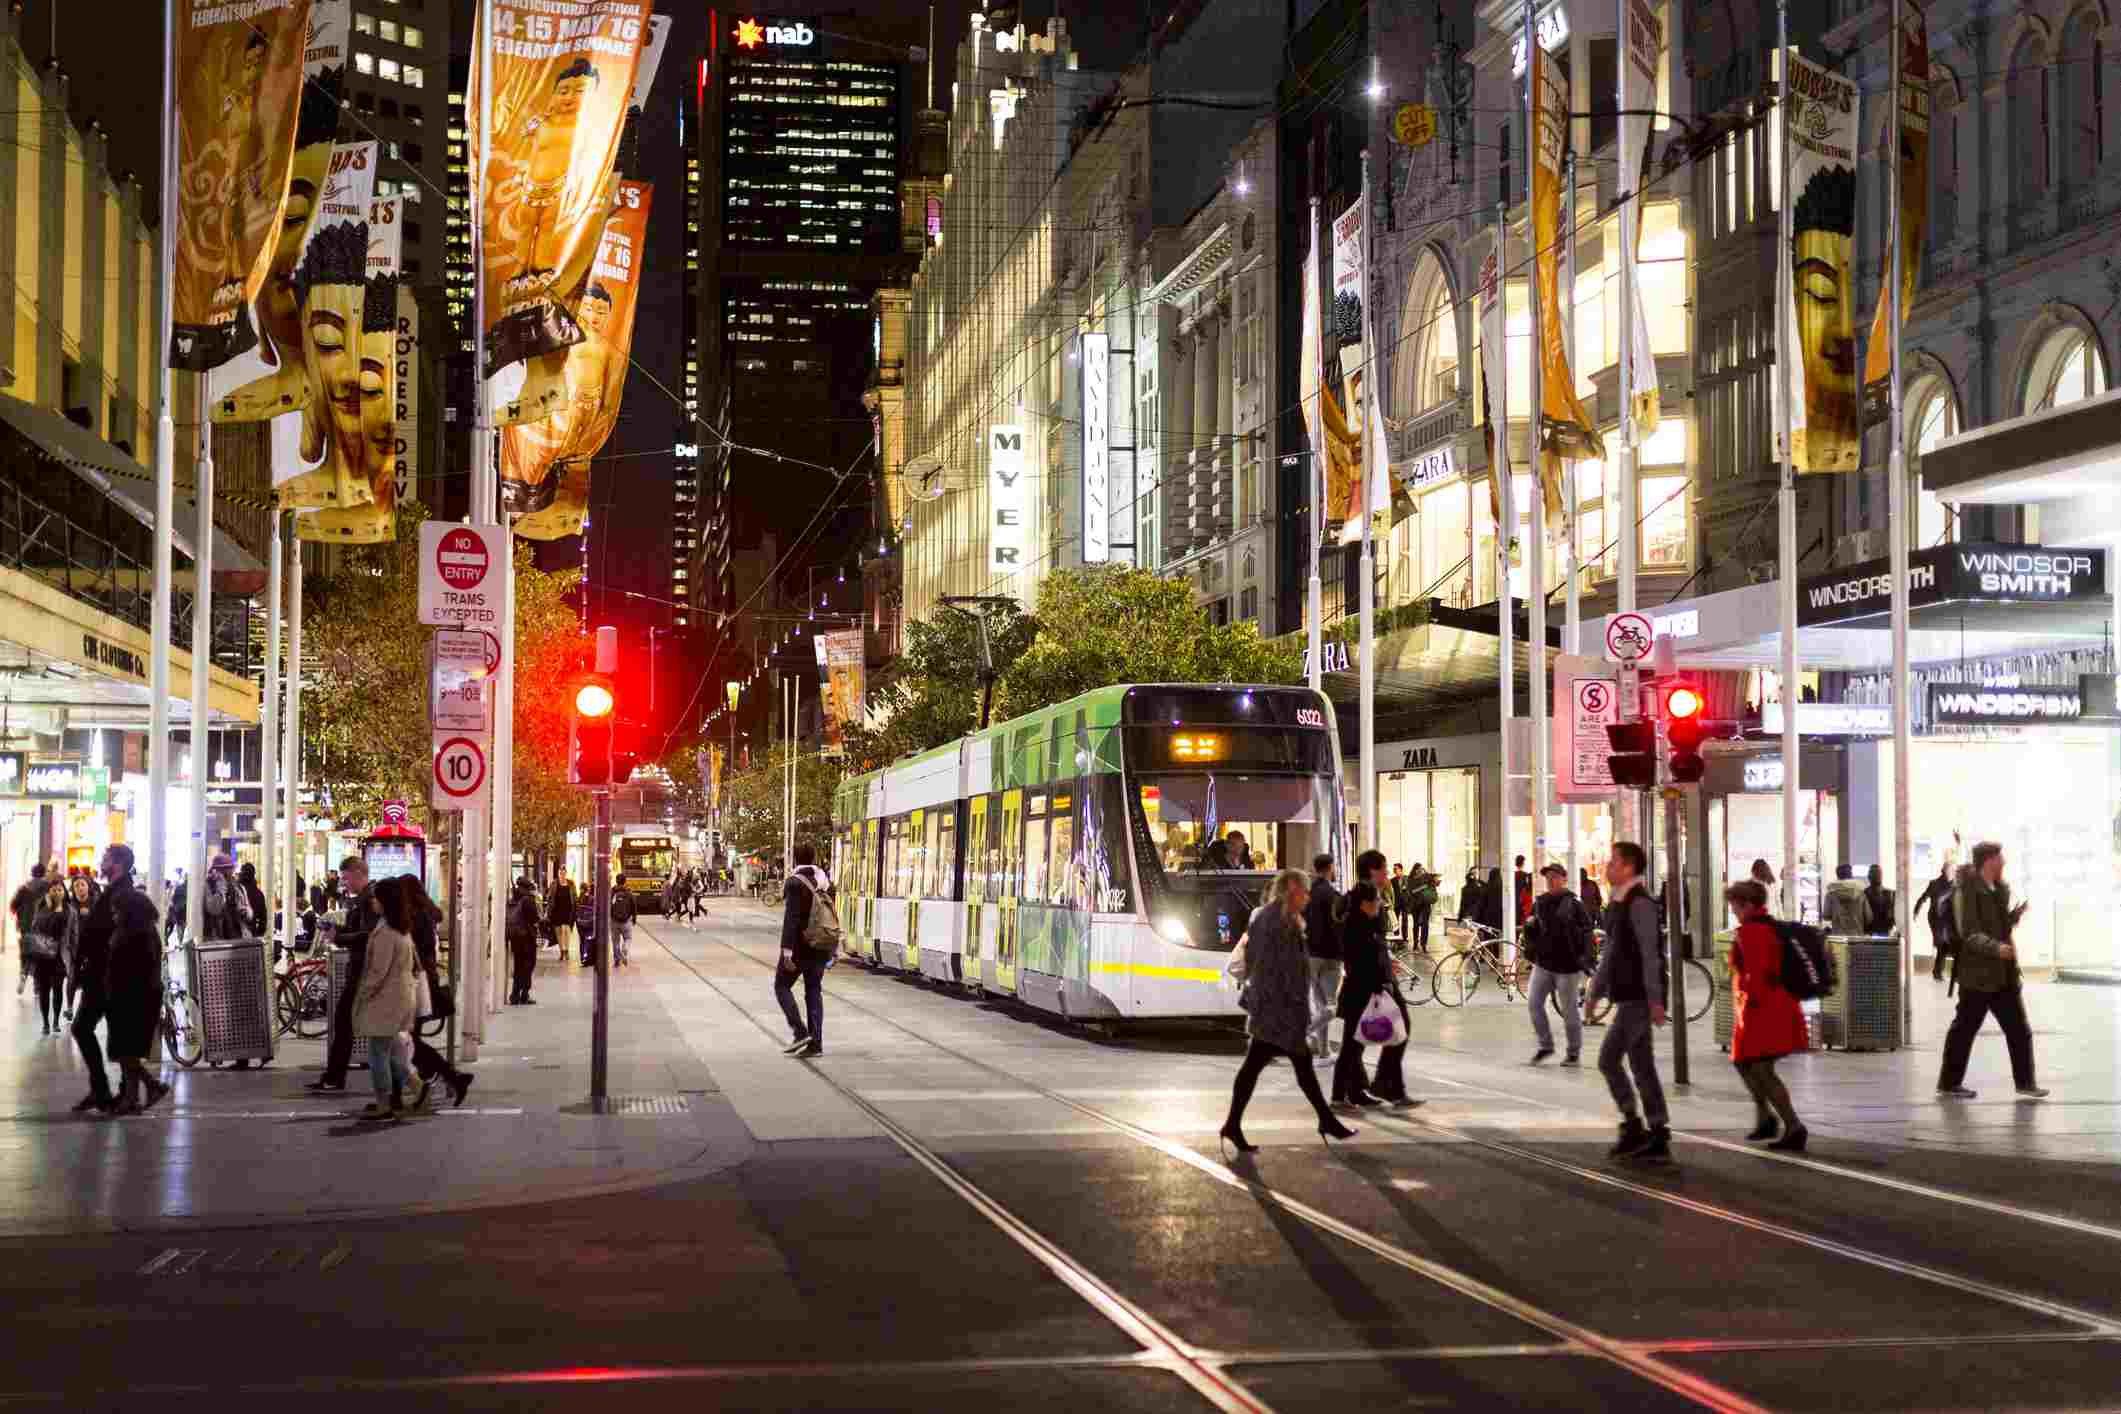 Bourke Street Mall in Melbourne